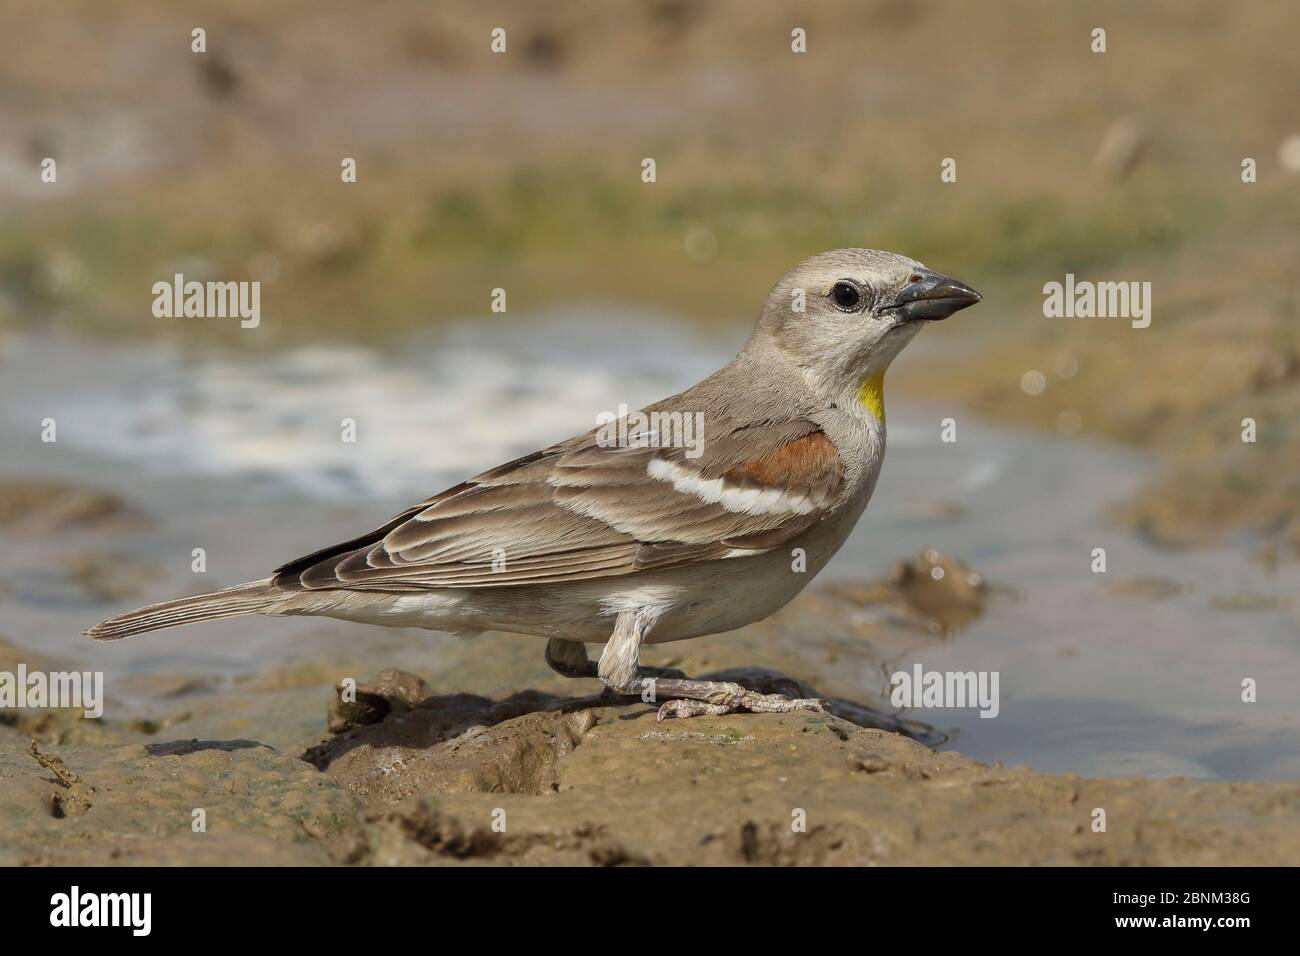 Gorrión de garganta amarilla (Gymnoris xanthocollis) macho en el agua, Omán, abril Foto de stock